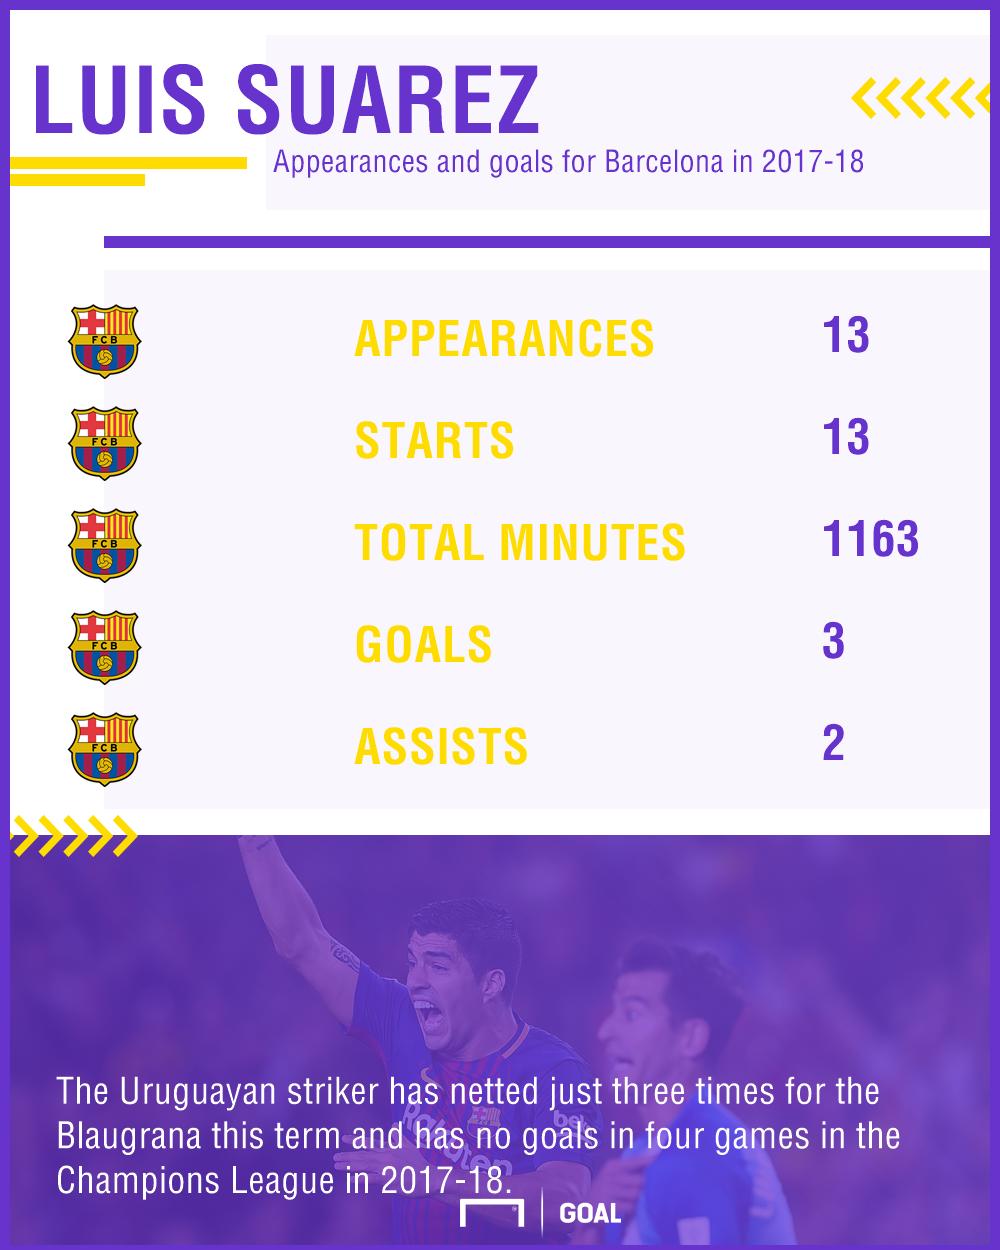 Luis Suarez stats